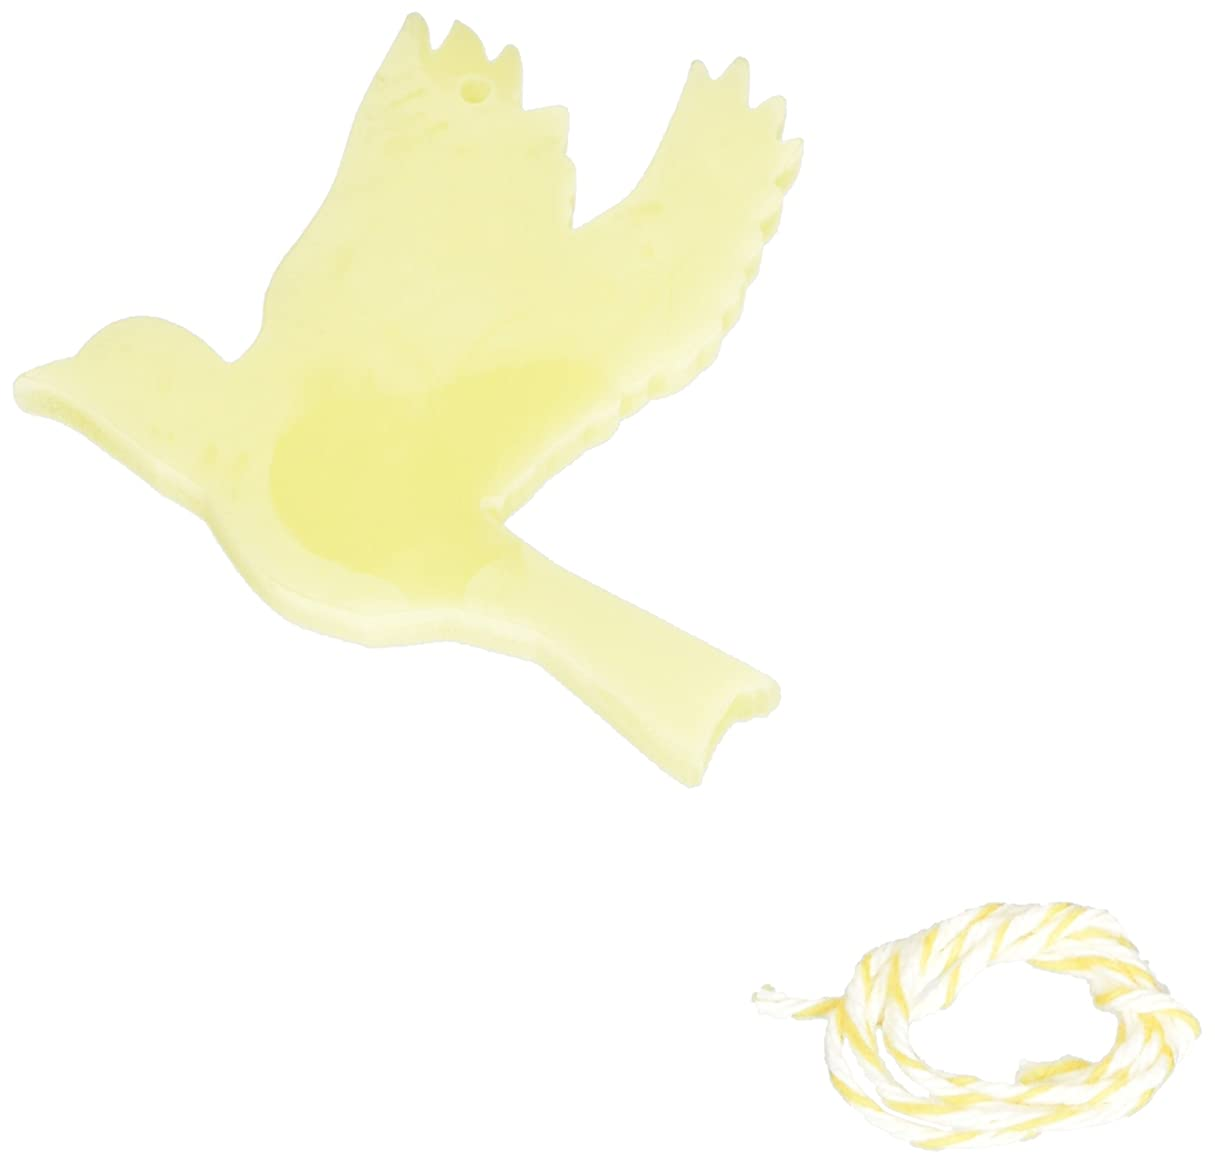 獲物家主拒絶GRASSE TOKYO AROMATICWAXチャーム「ハト」(YE) ベルガモット アロマティックワックス グラーストウキョウ